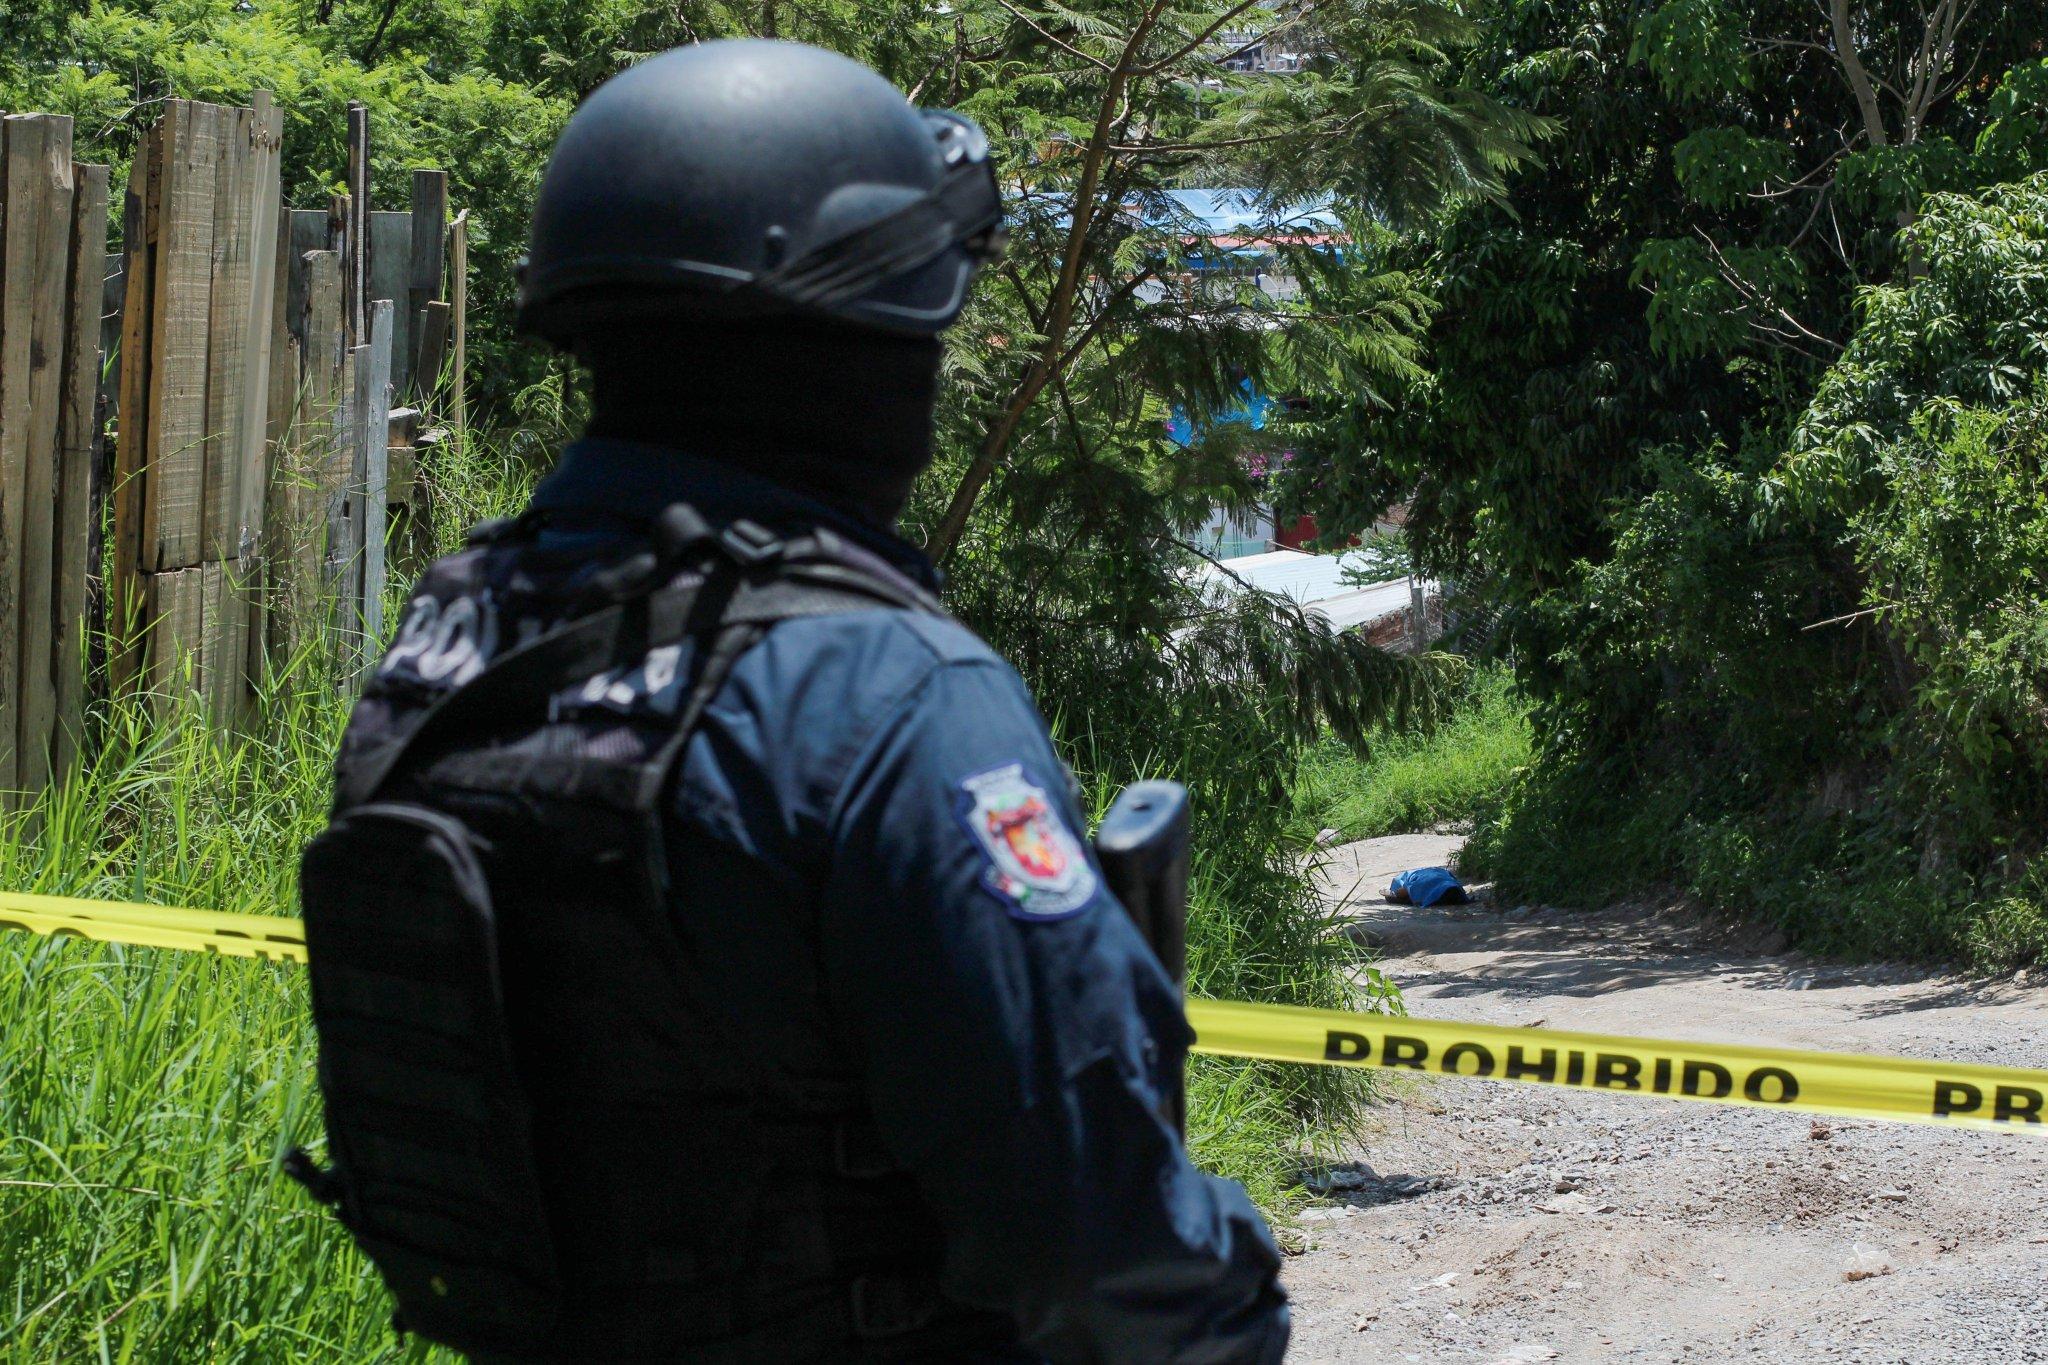 Hallan fosas clandestinas y 10 cuerpos en Acapulco https://t.co/cF2Hw0zHK1 https://t.co/1Qdt3wR13x